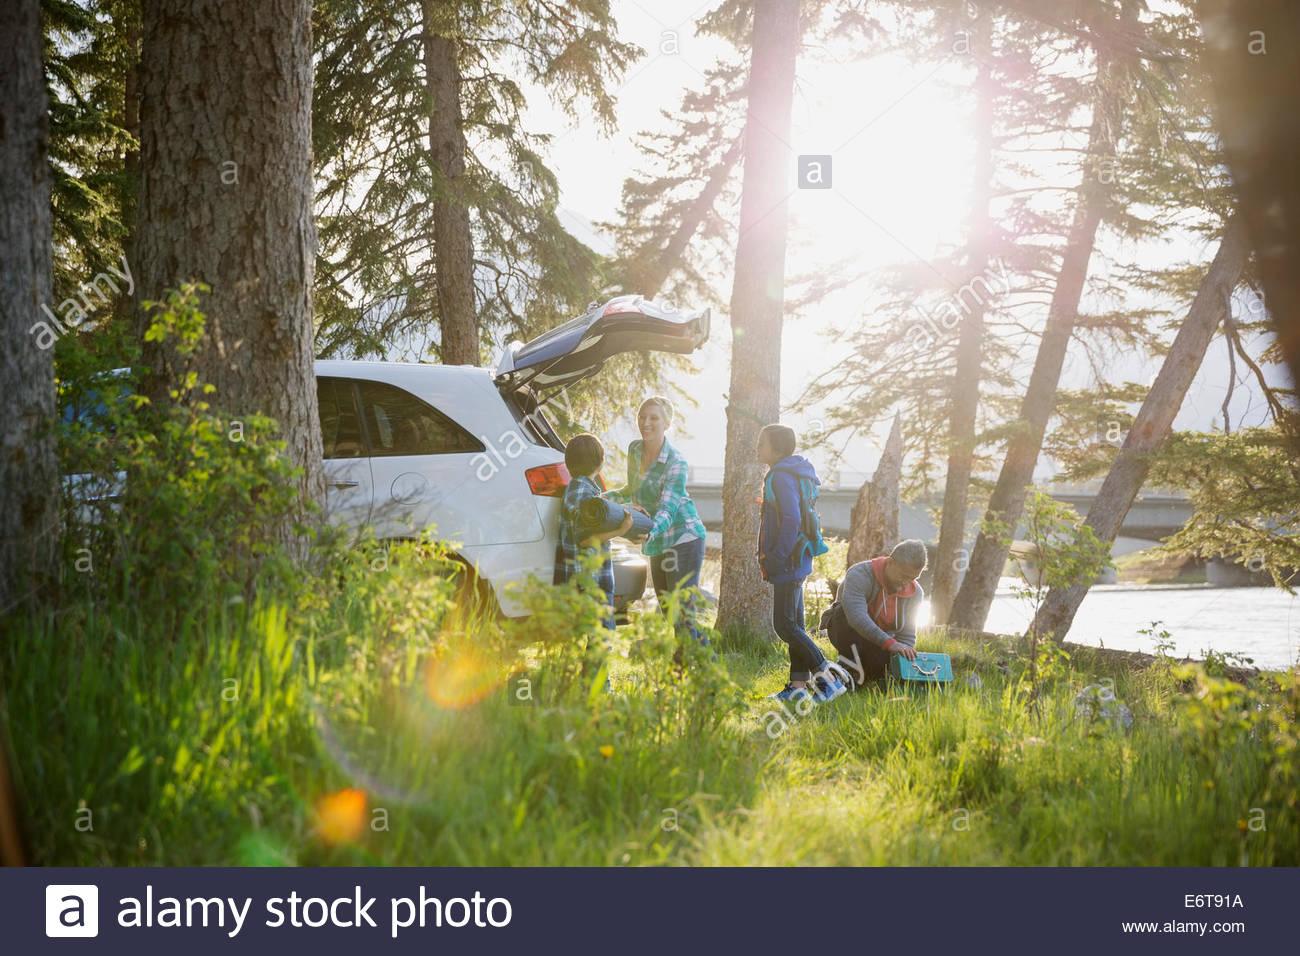 Auspacken Familienauto auf Campingplatz Stockbild